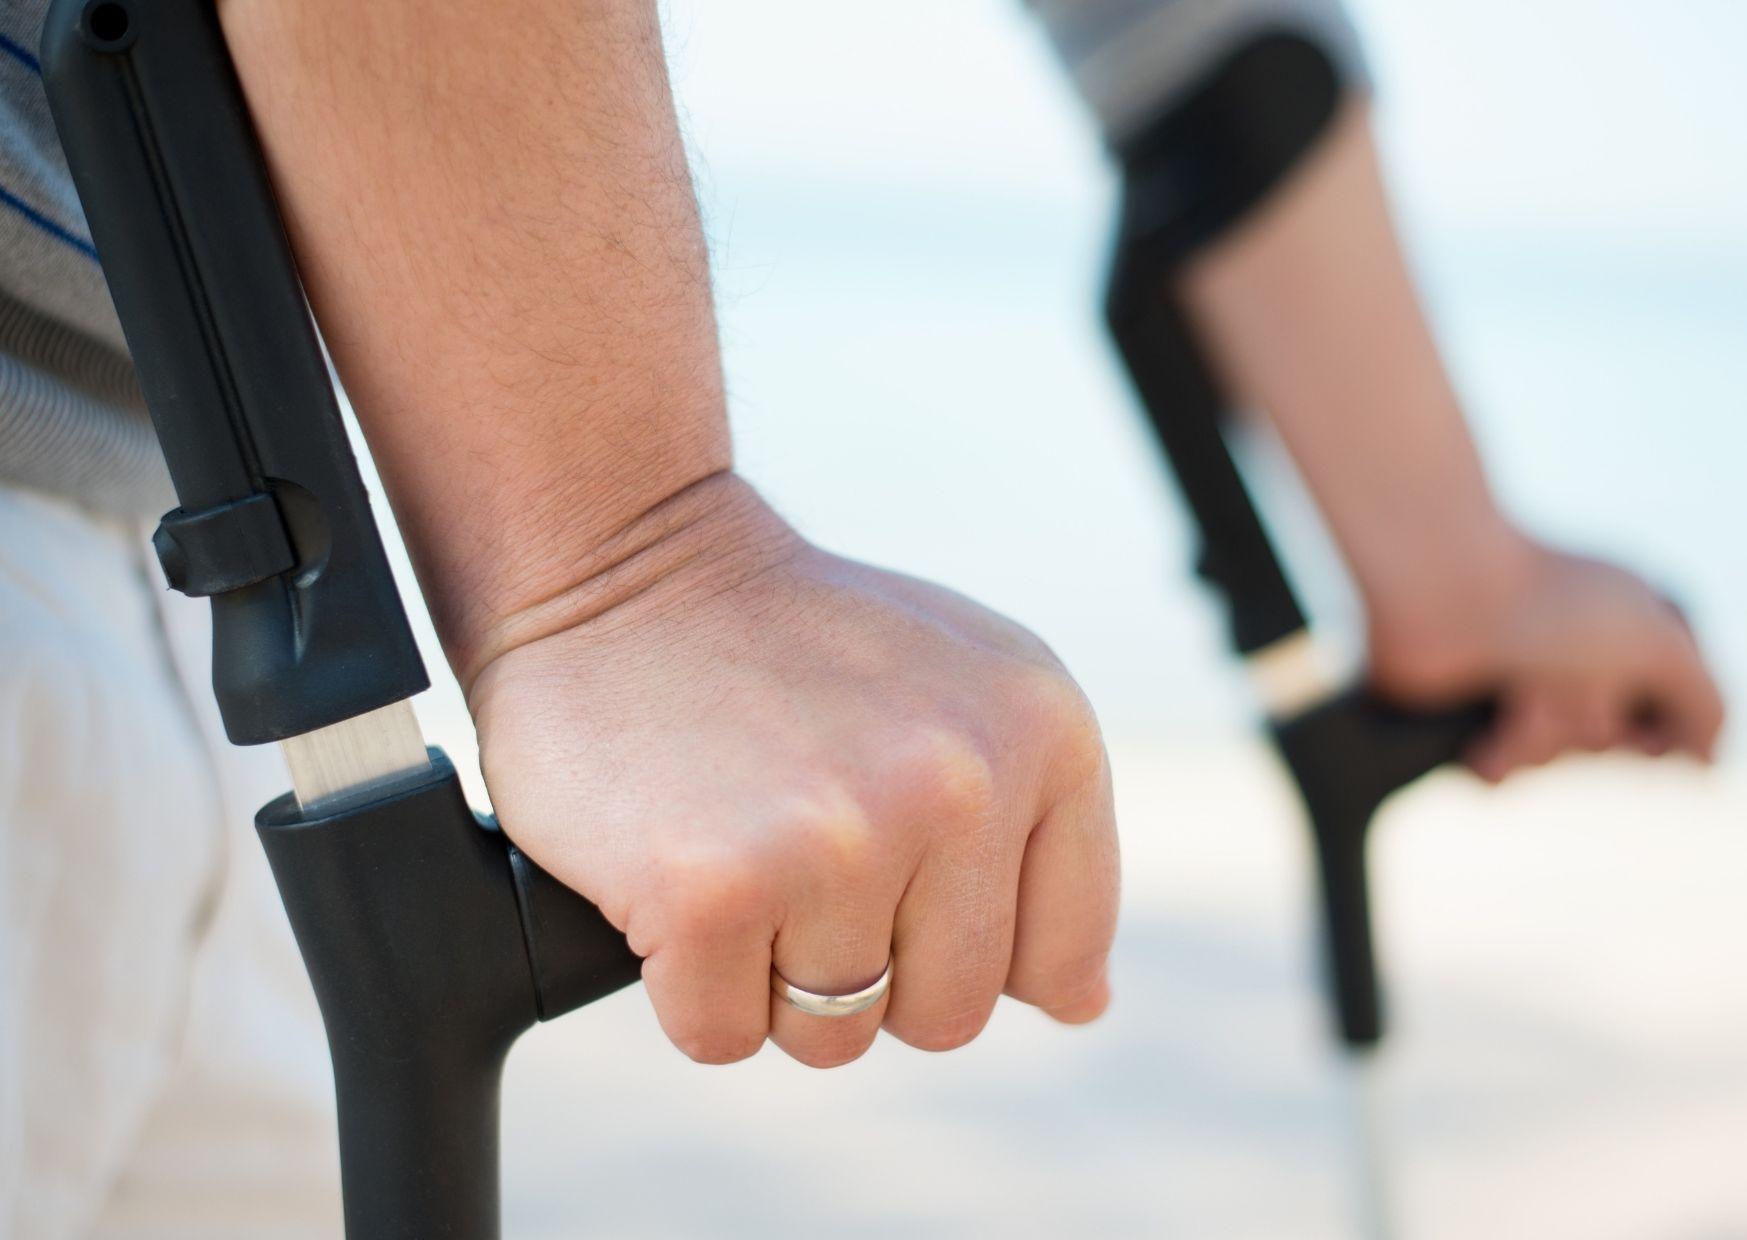 incapacidad-discapacidad